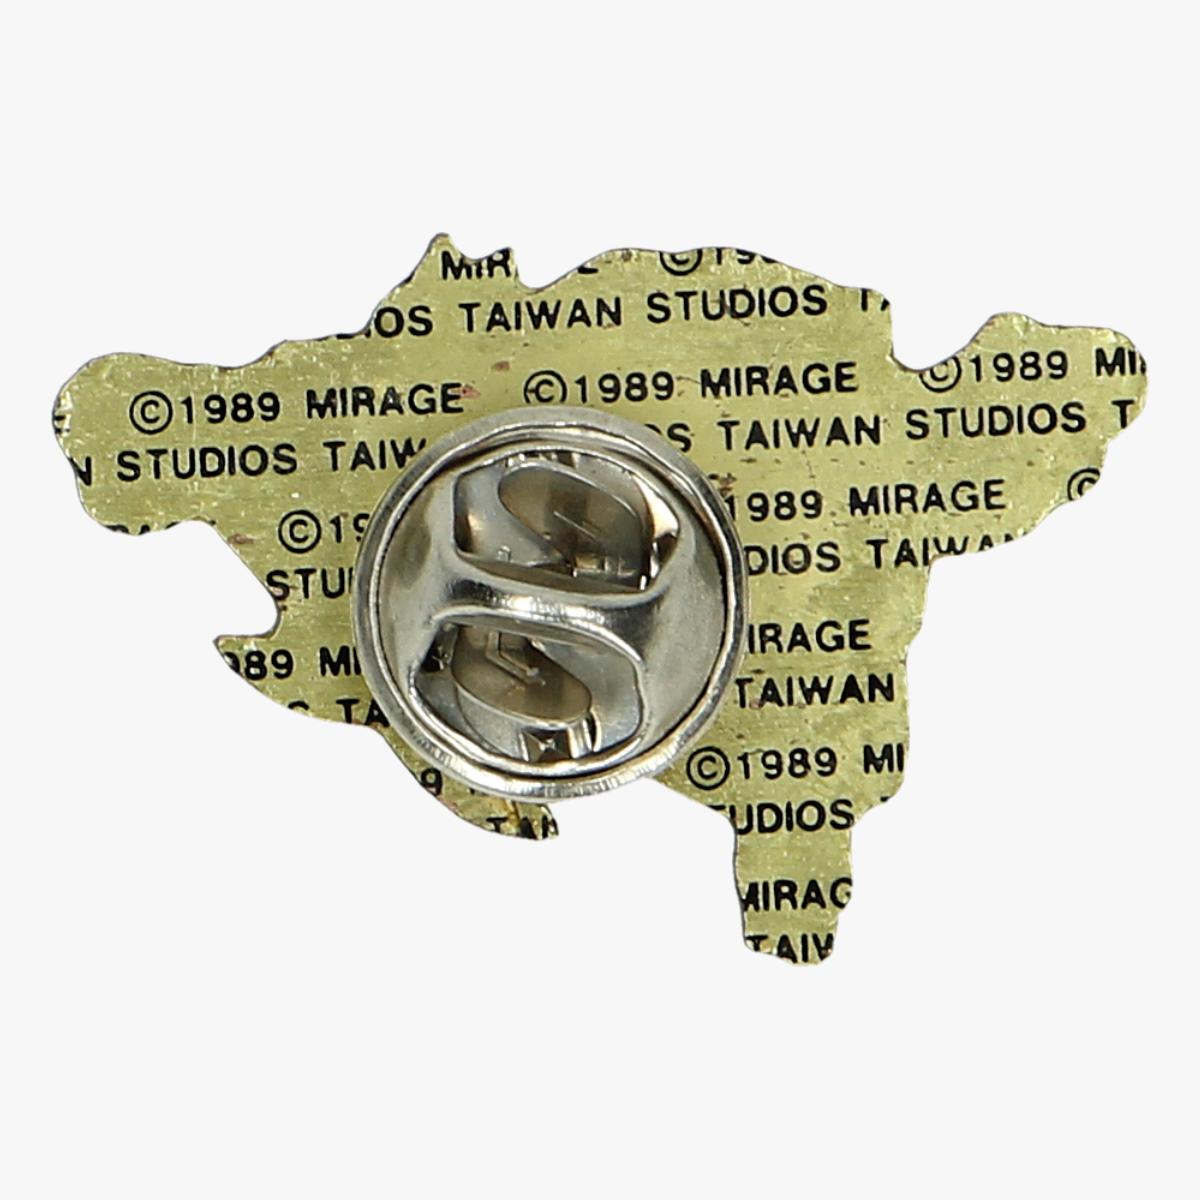 Afbeeldingen van speltje ninja turtles1989